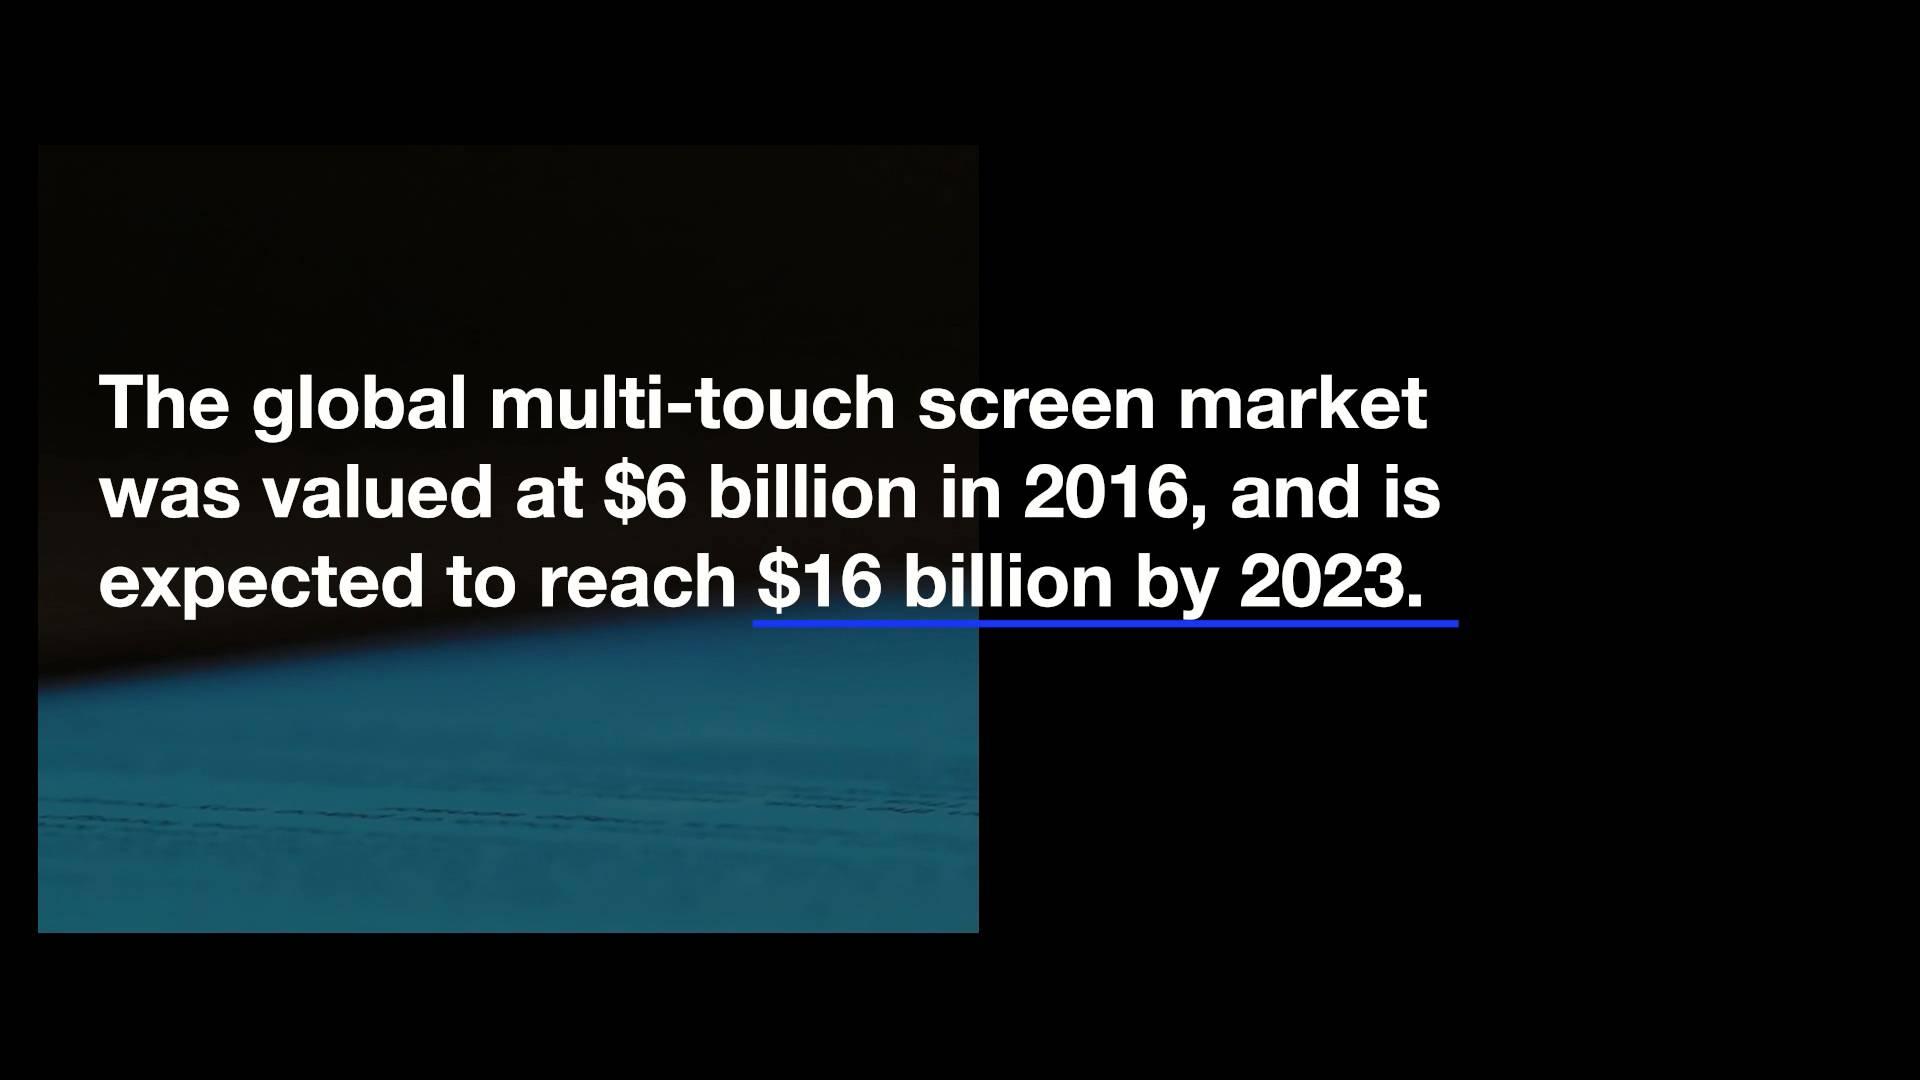 在消费电子产品设计中利用触摸屏技术